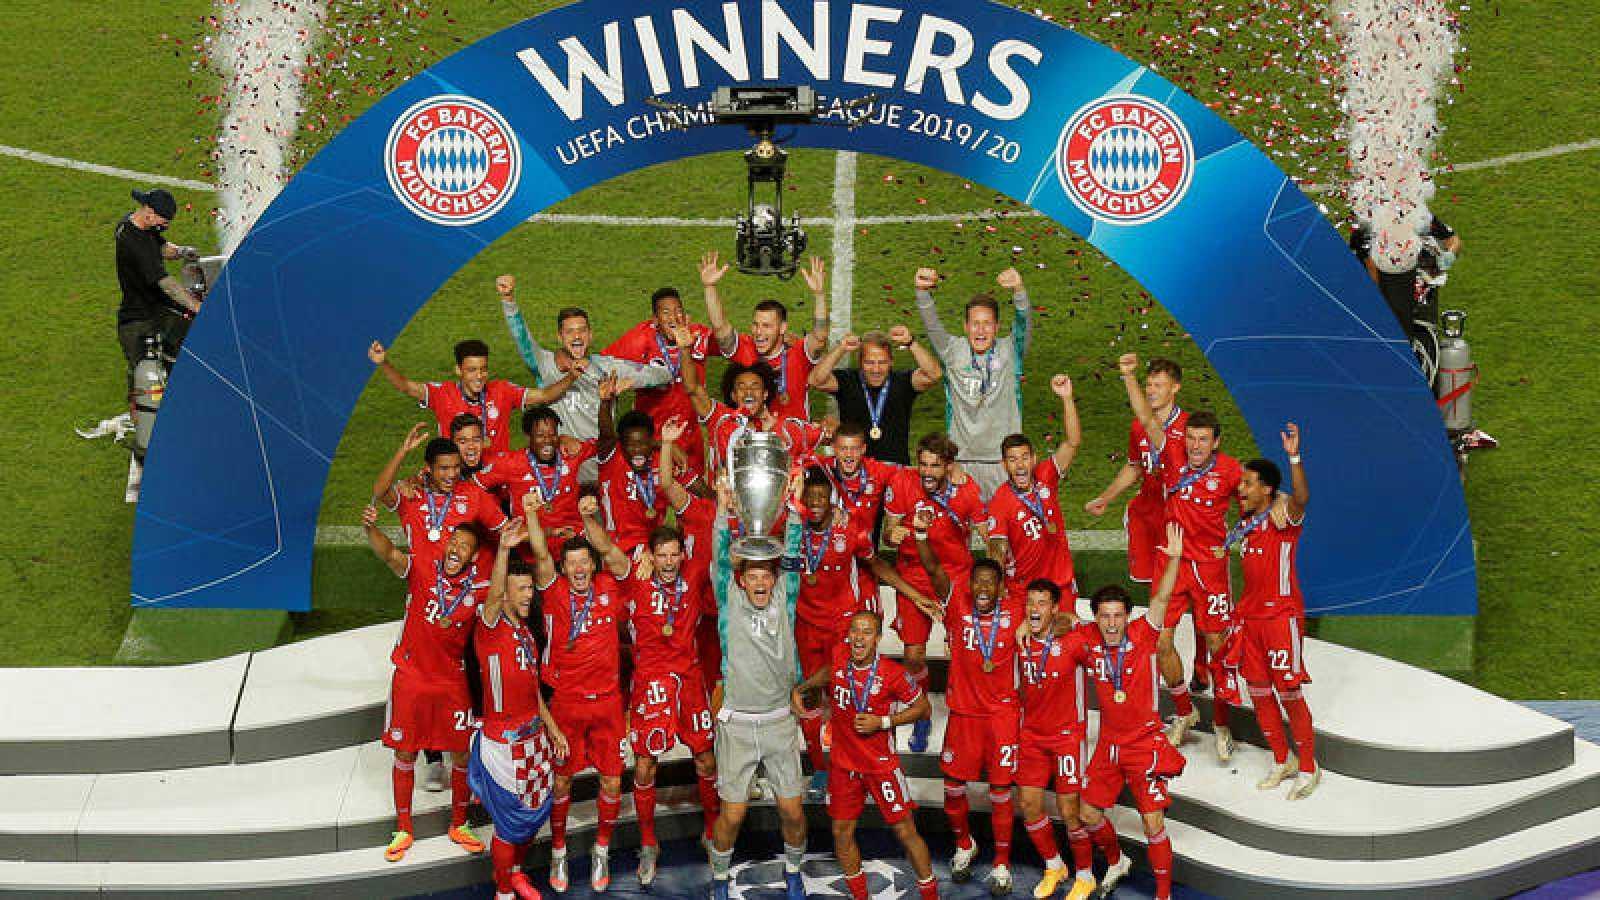 El Bayern, después de meterle un 8-2, adelanta al Barça en títulos de Copa de Europa